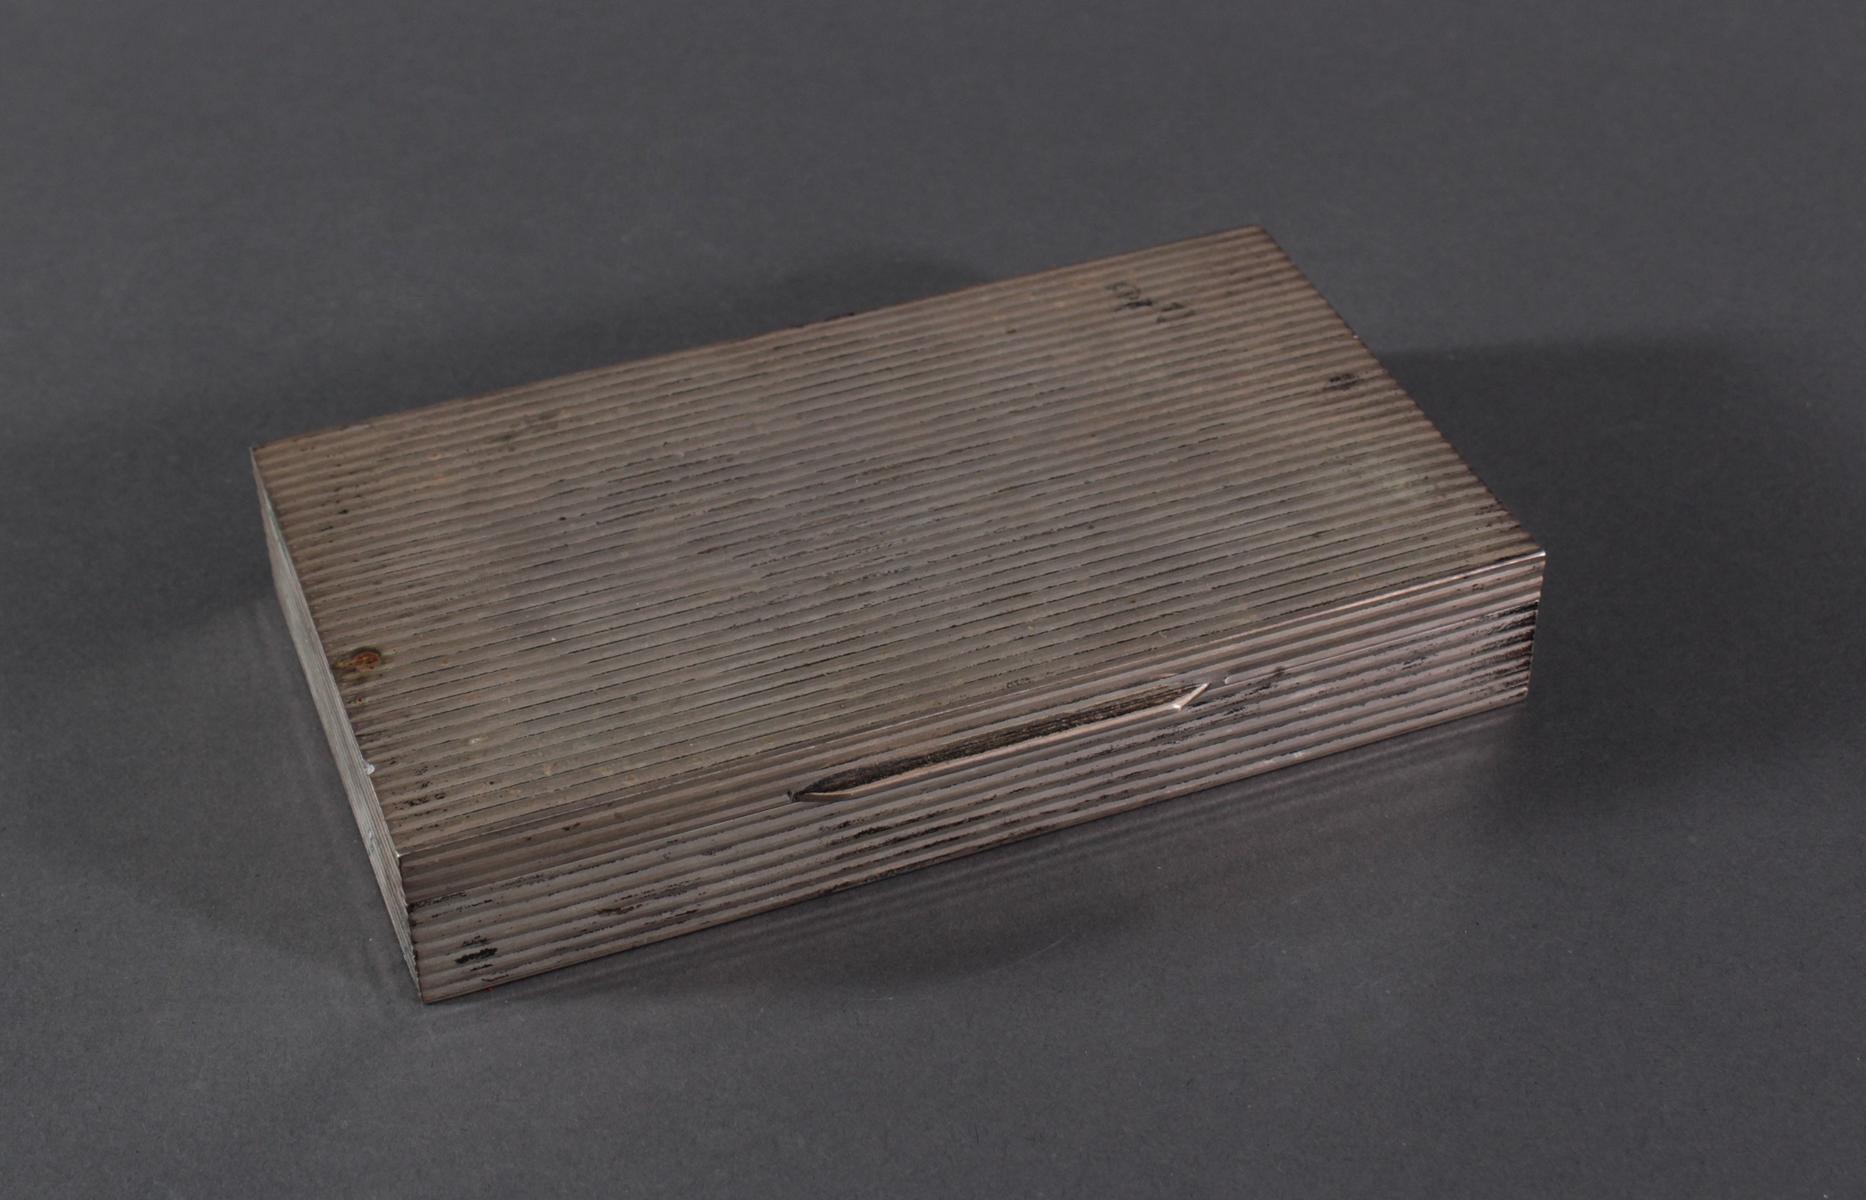 Silberne Deckelschatulle, 925er Silber